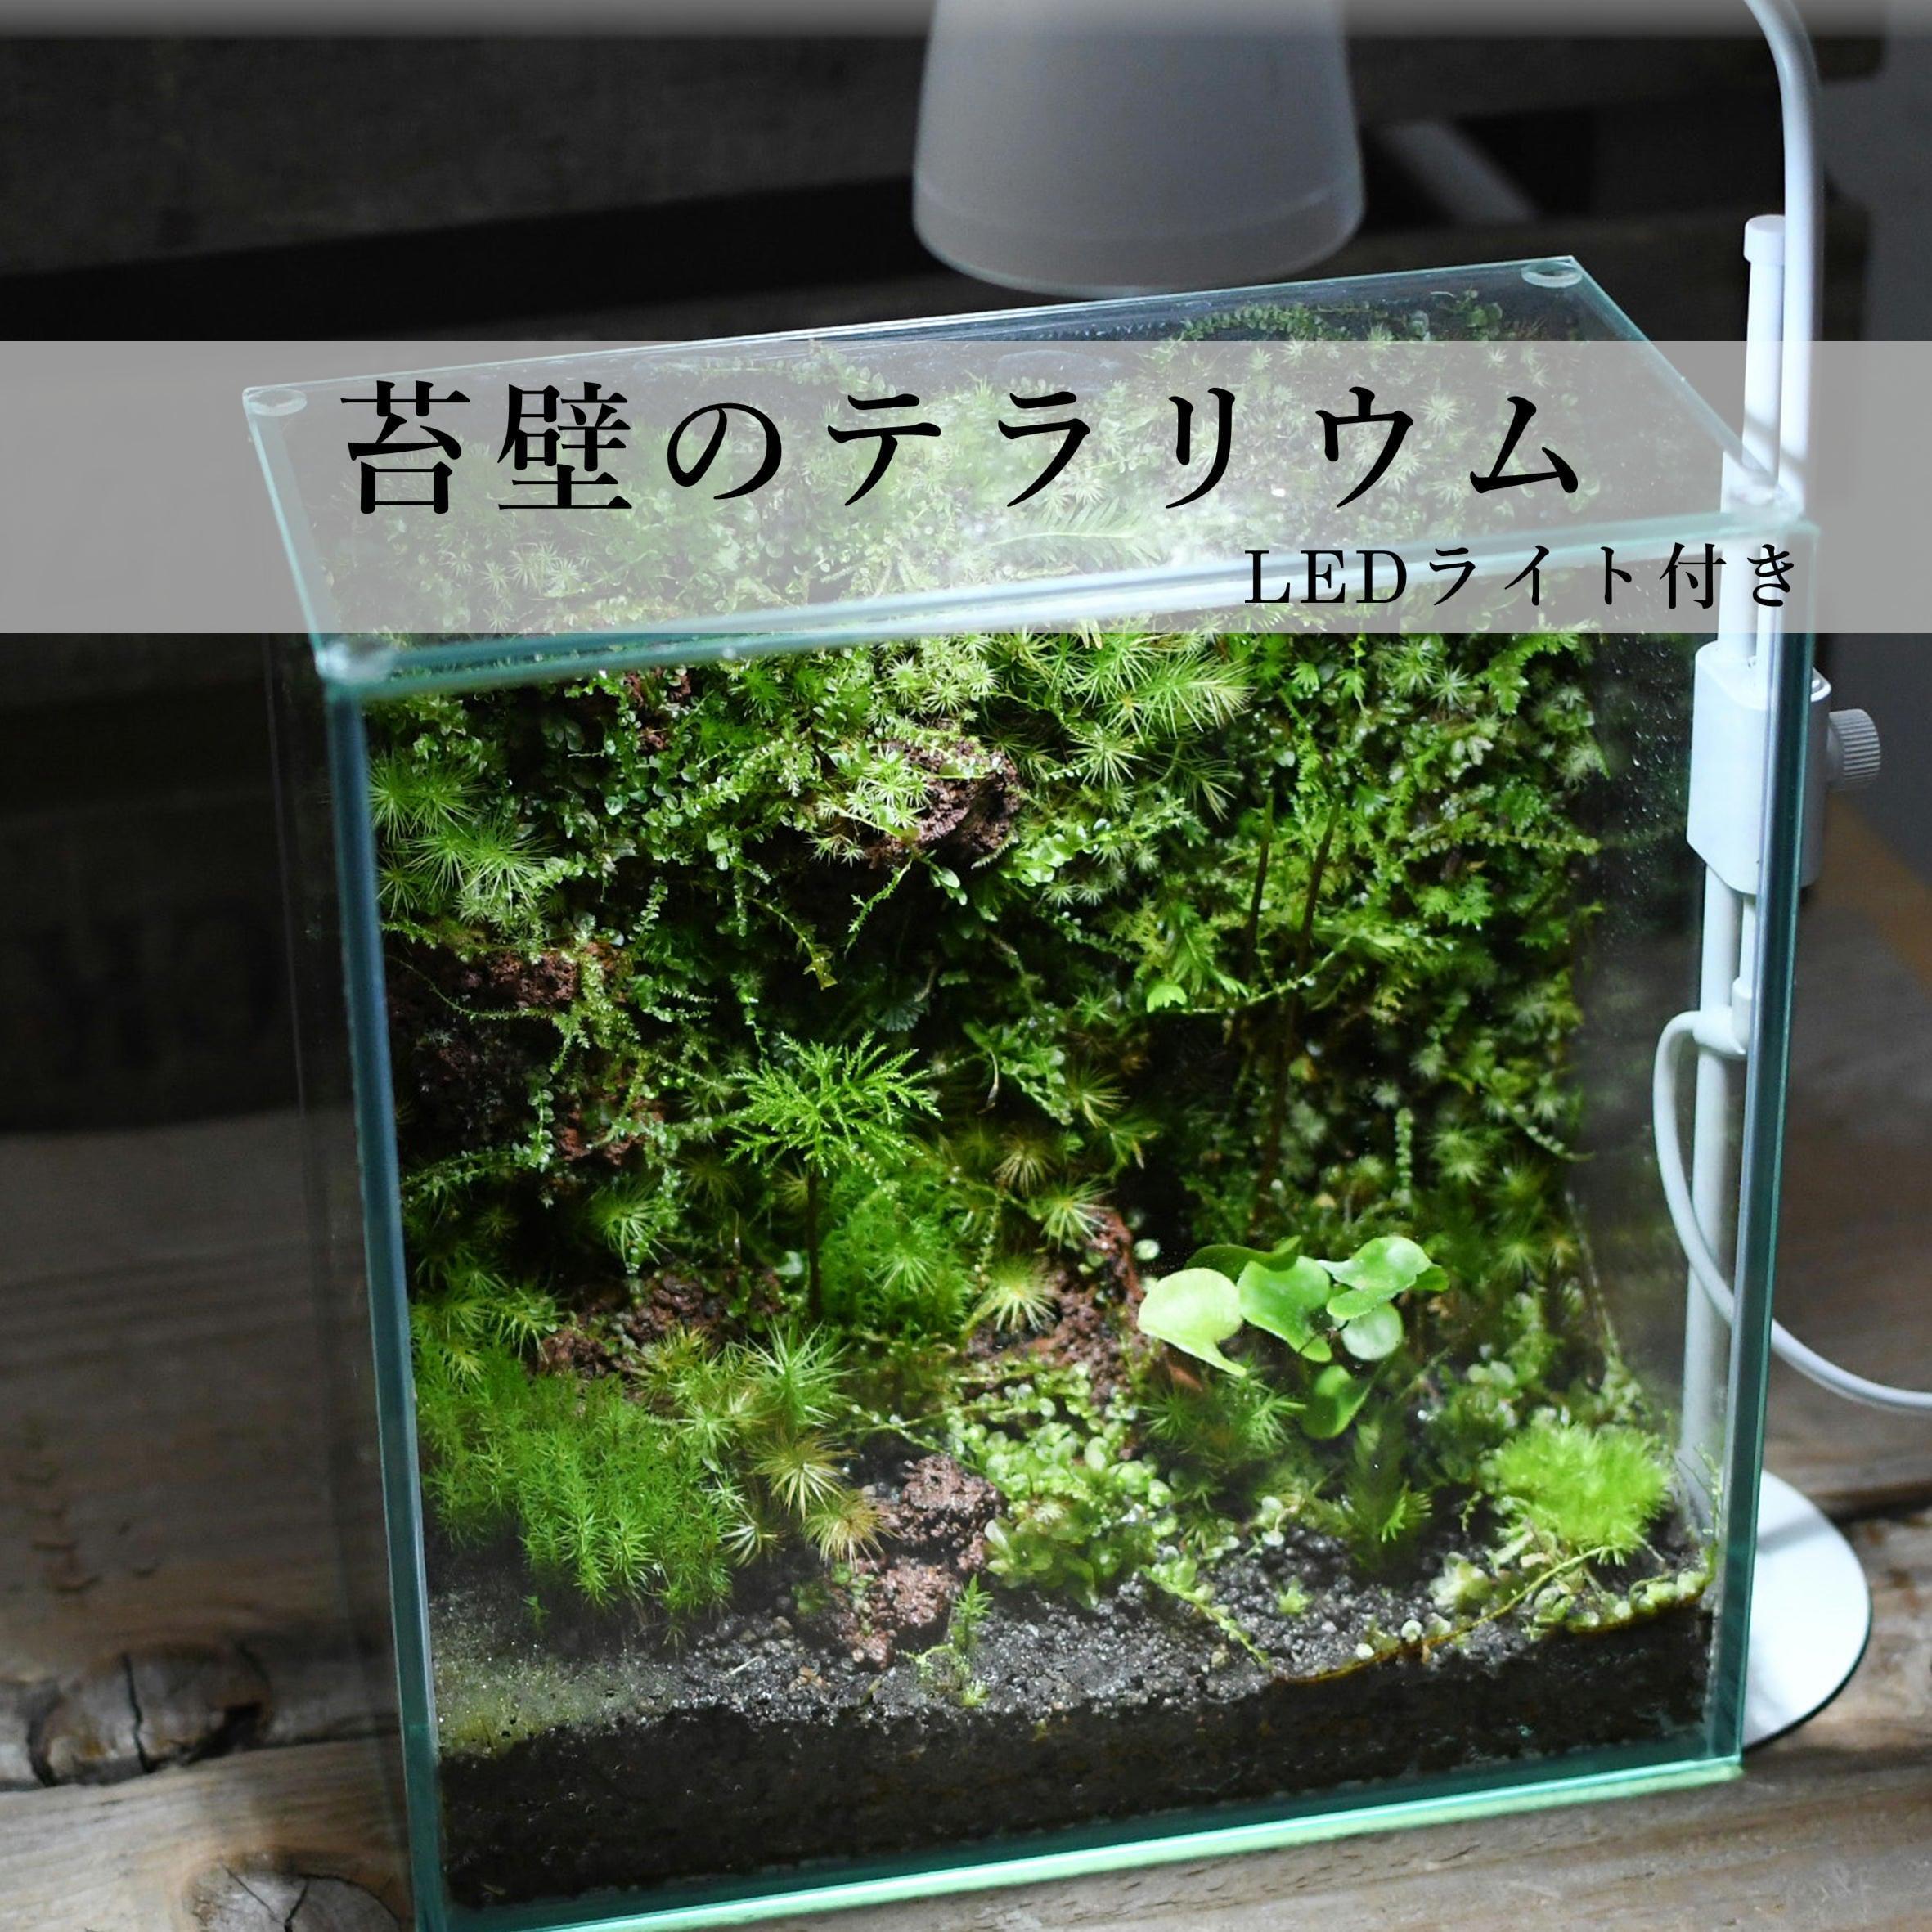 苔壁のテラリウム【苔テラリウム・現物限定販売】◆LEDライト付き